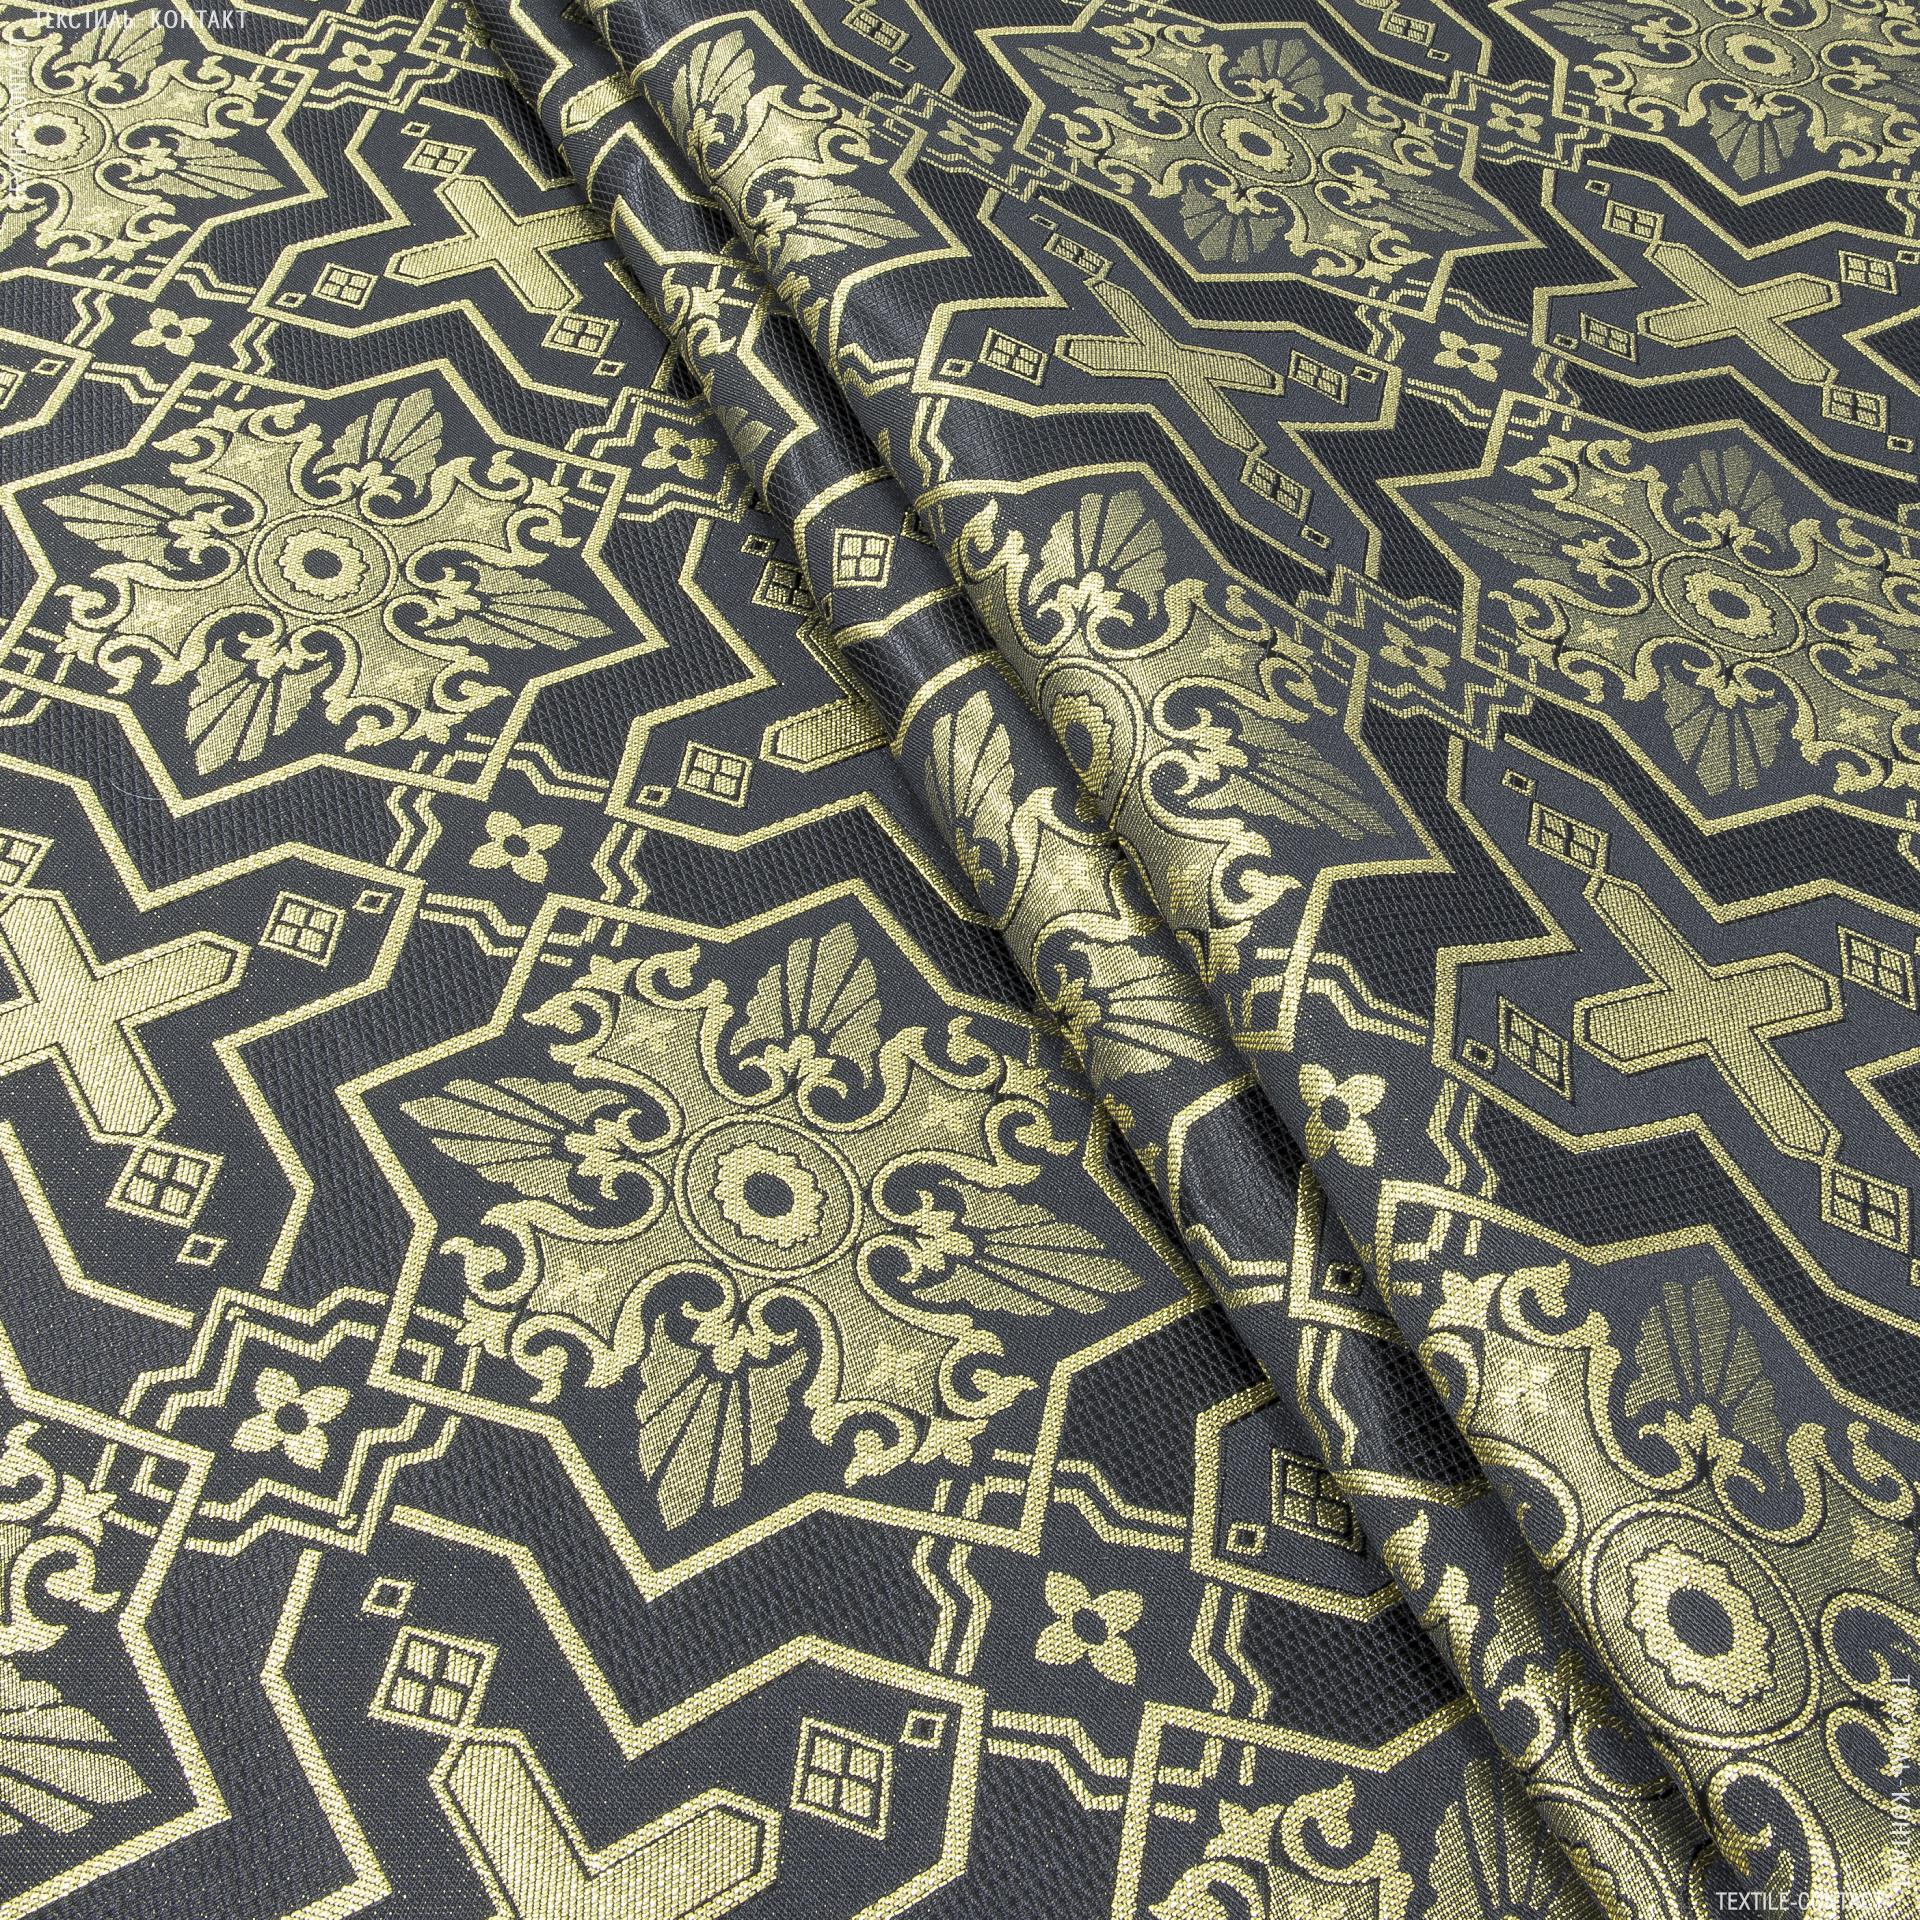 Купить церковную ткань в интернет магазине купить акустическую ткань на алиэкспресс